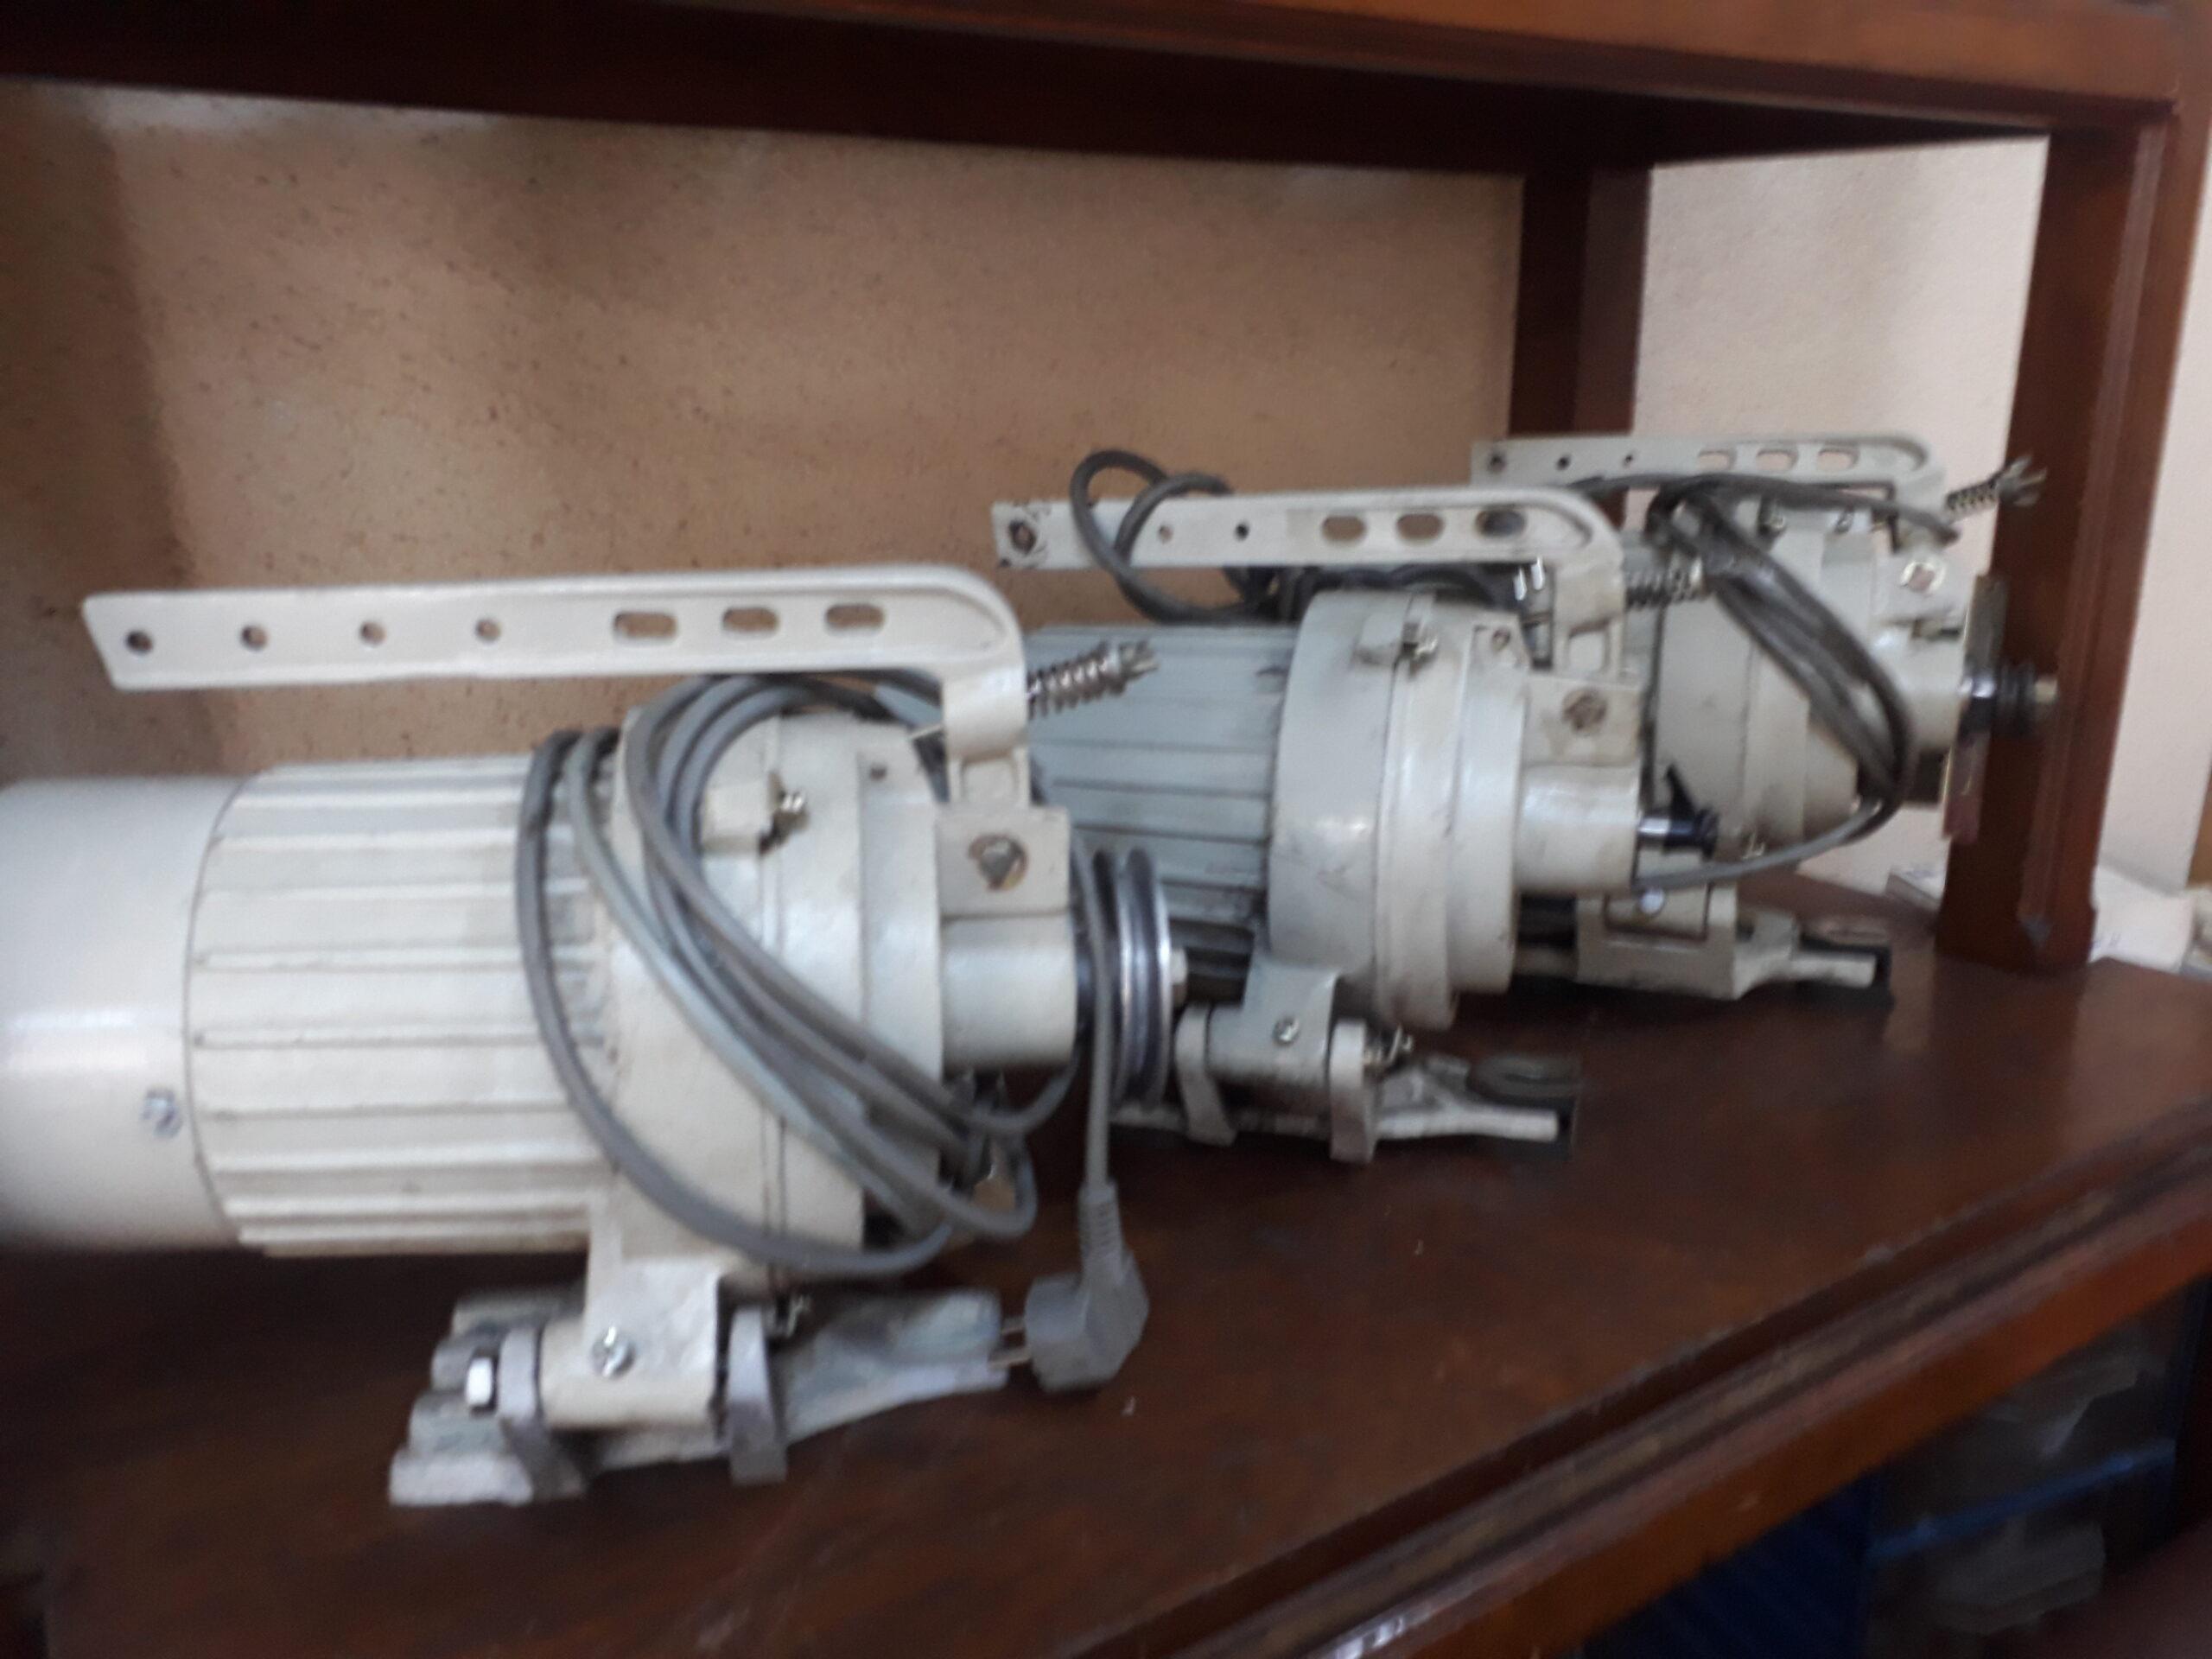 Çeşitli Marka Ve Modellerde İkinci El Kavramalı Mekanik Ve Yarı-Otomatik Dikiş Makinesi Motoru İletişim: Whatshapp/(+90) 0538 749 34 59 İstanbul/Türkiye Promethe Elektronik